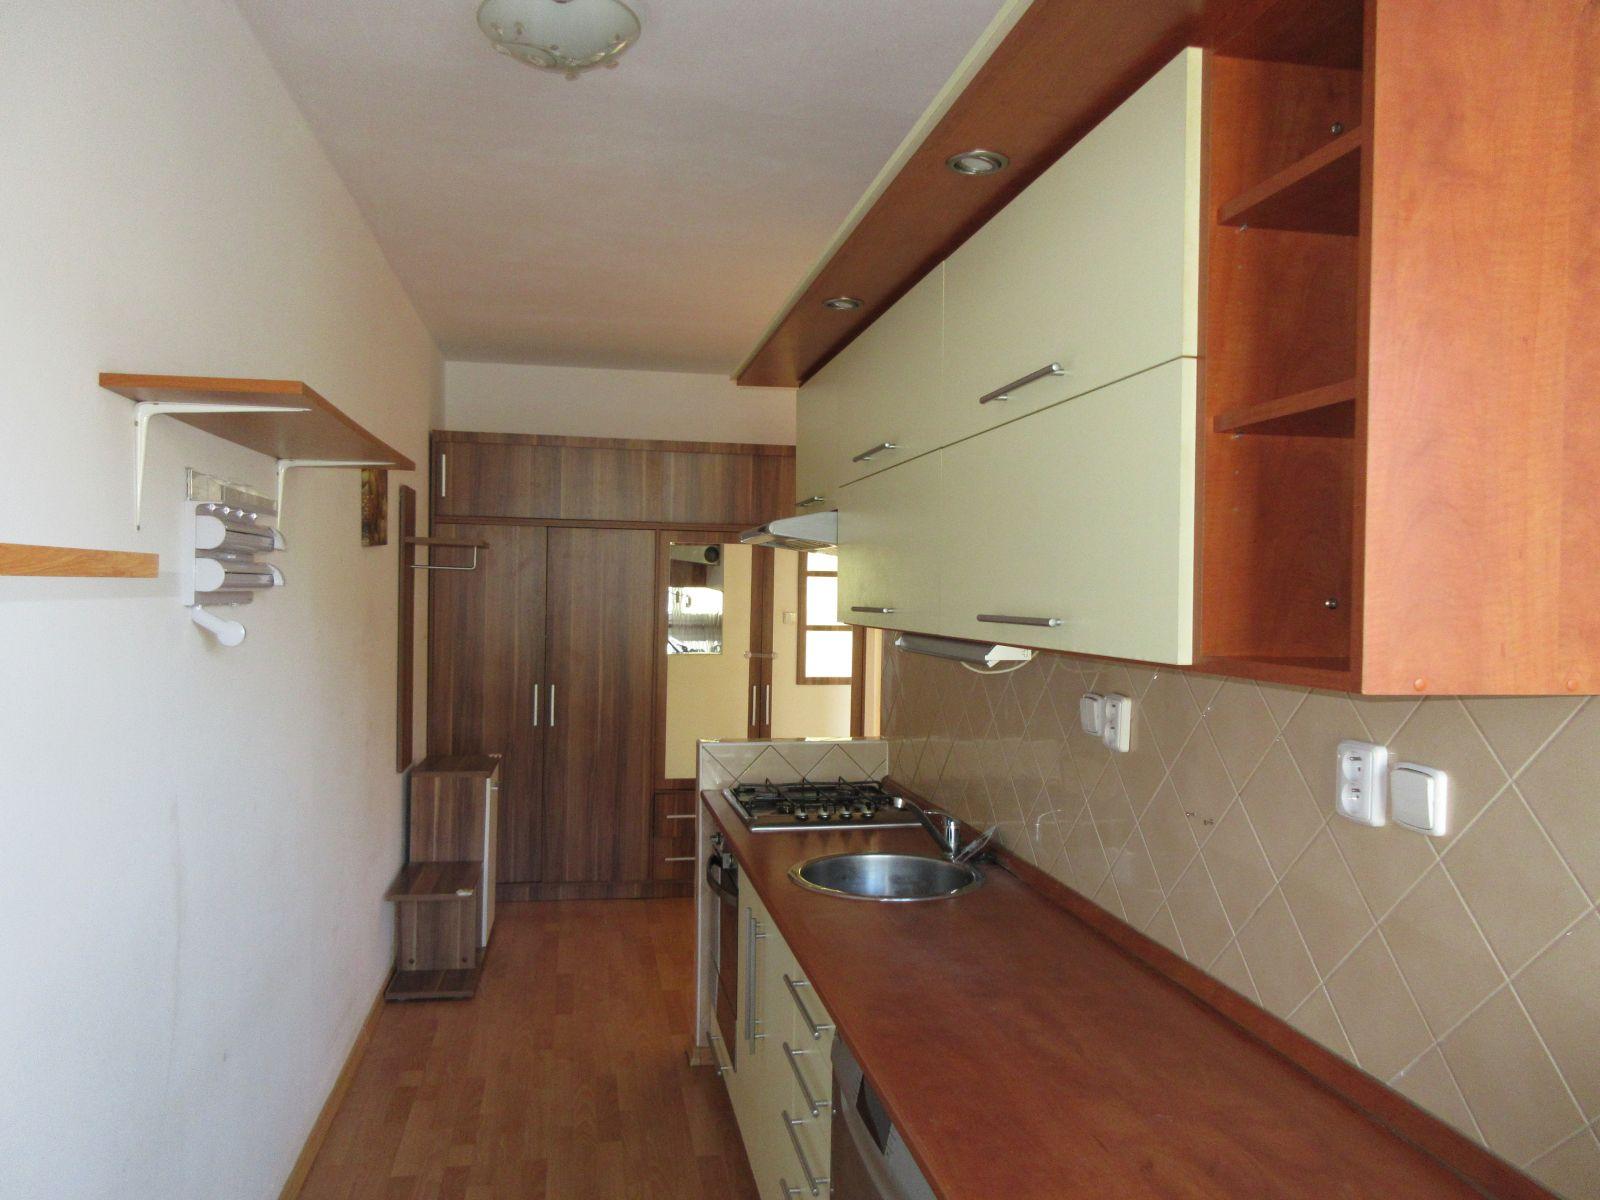 Pronájem bytu 2+1 v Chomutově